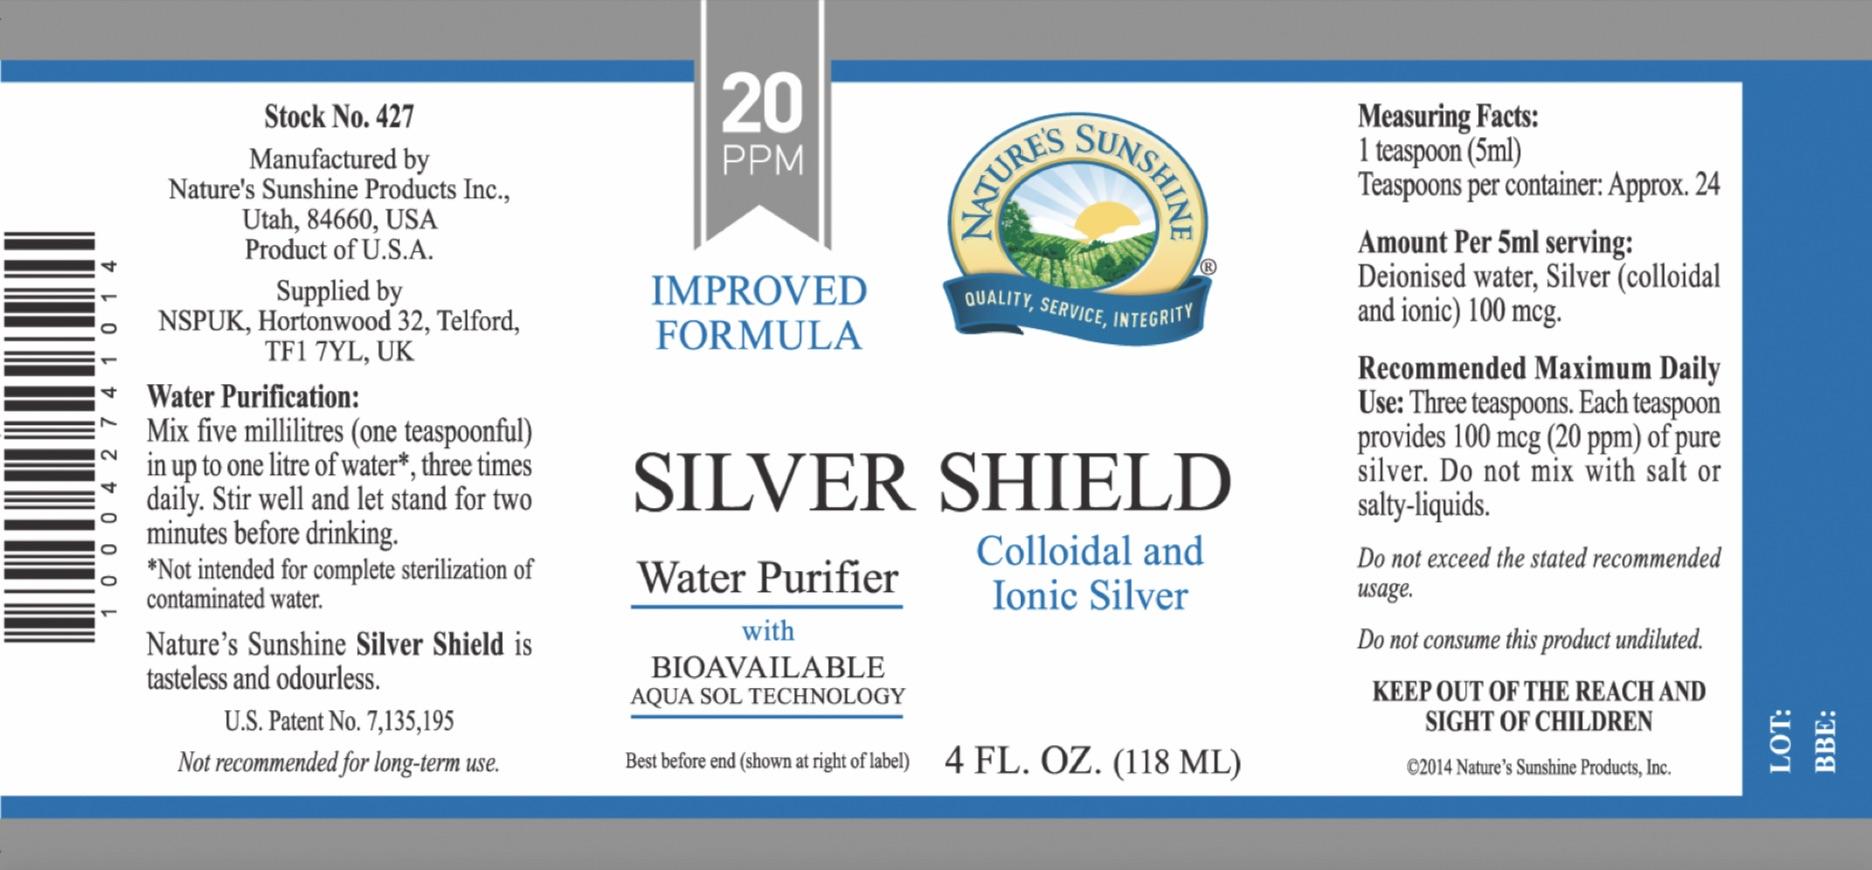 Nature's Sunshine - Silver Shield Liquid - Label